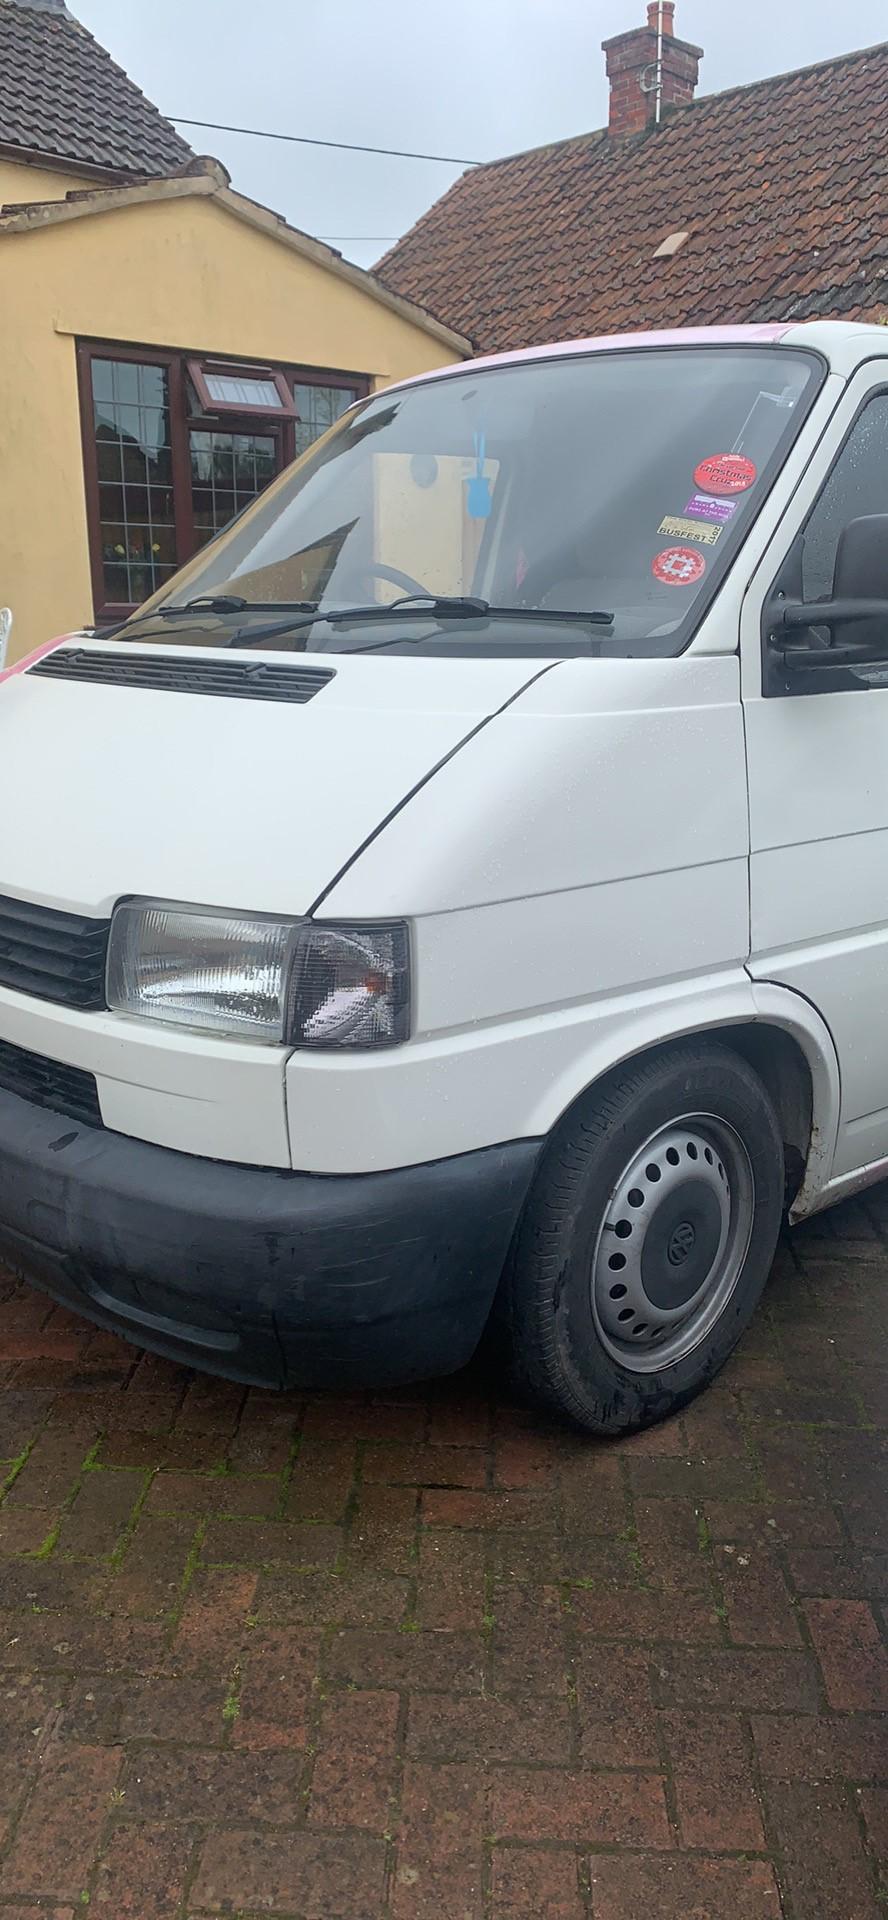 Volkswagen T4 Campervan White 1996 P reg £5k open to offers